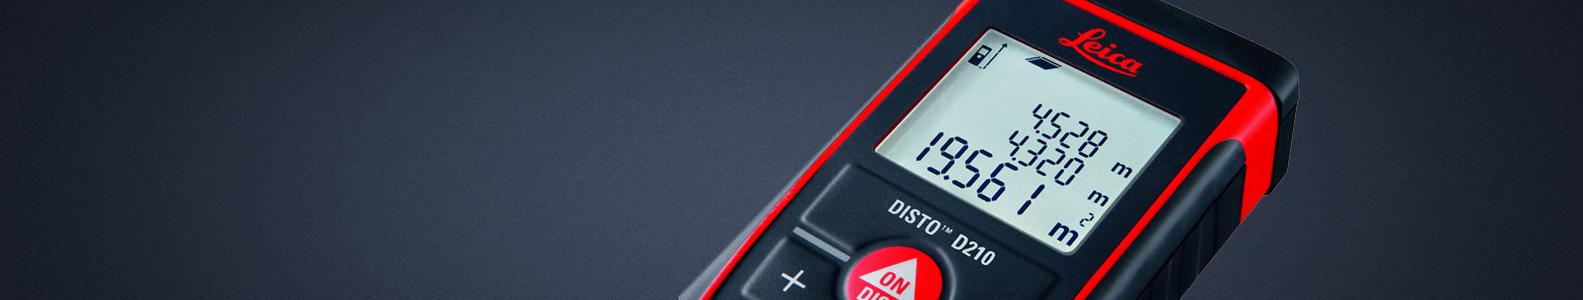 Atstumų matuokliai  Ultragarsiniai, lazeriniai atstumų matuokliai darbui vidaus patalpose ir lauke